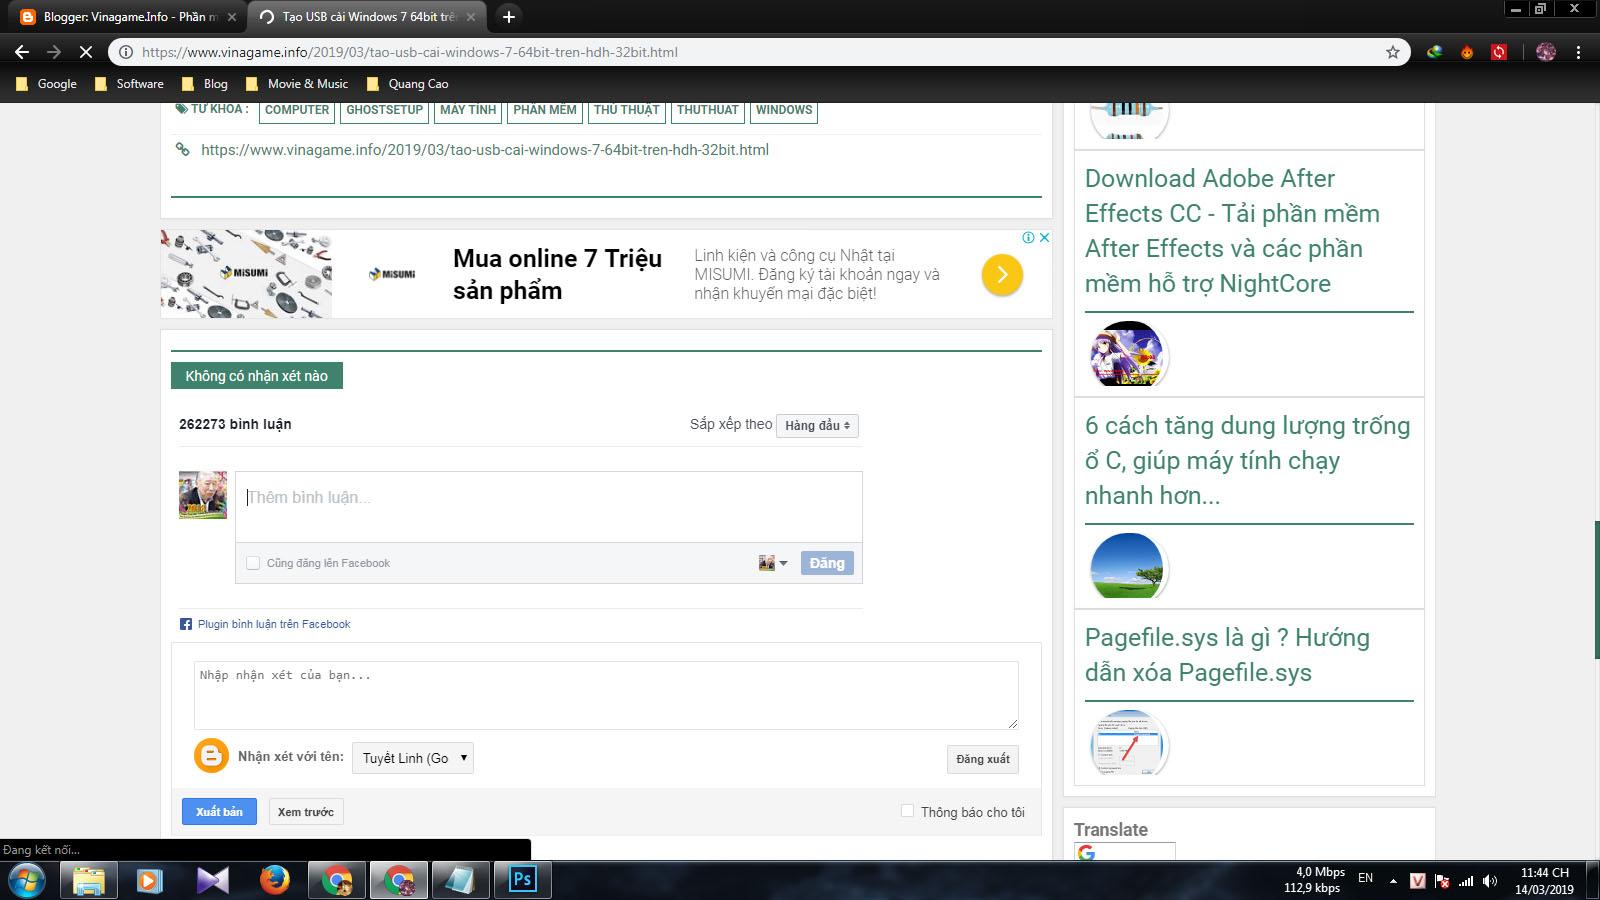 Chen binh luan facebook vao website blog 4